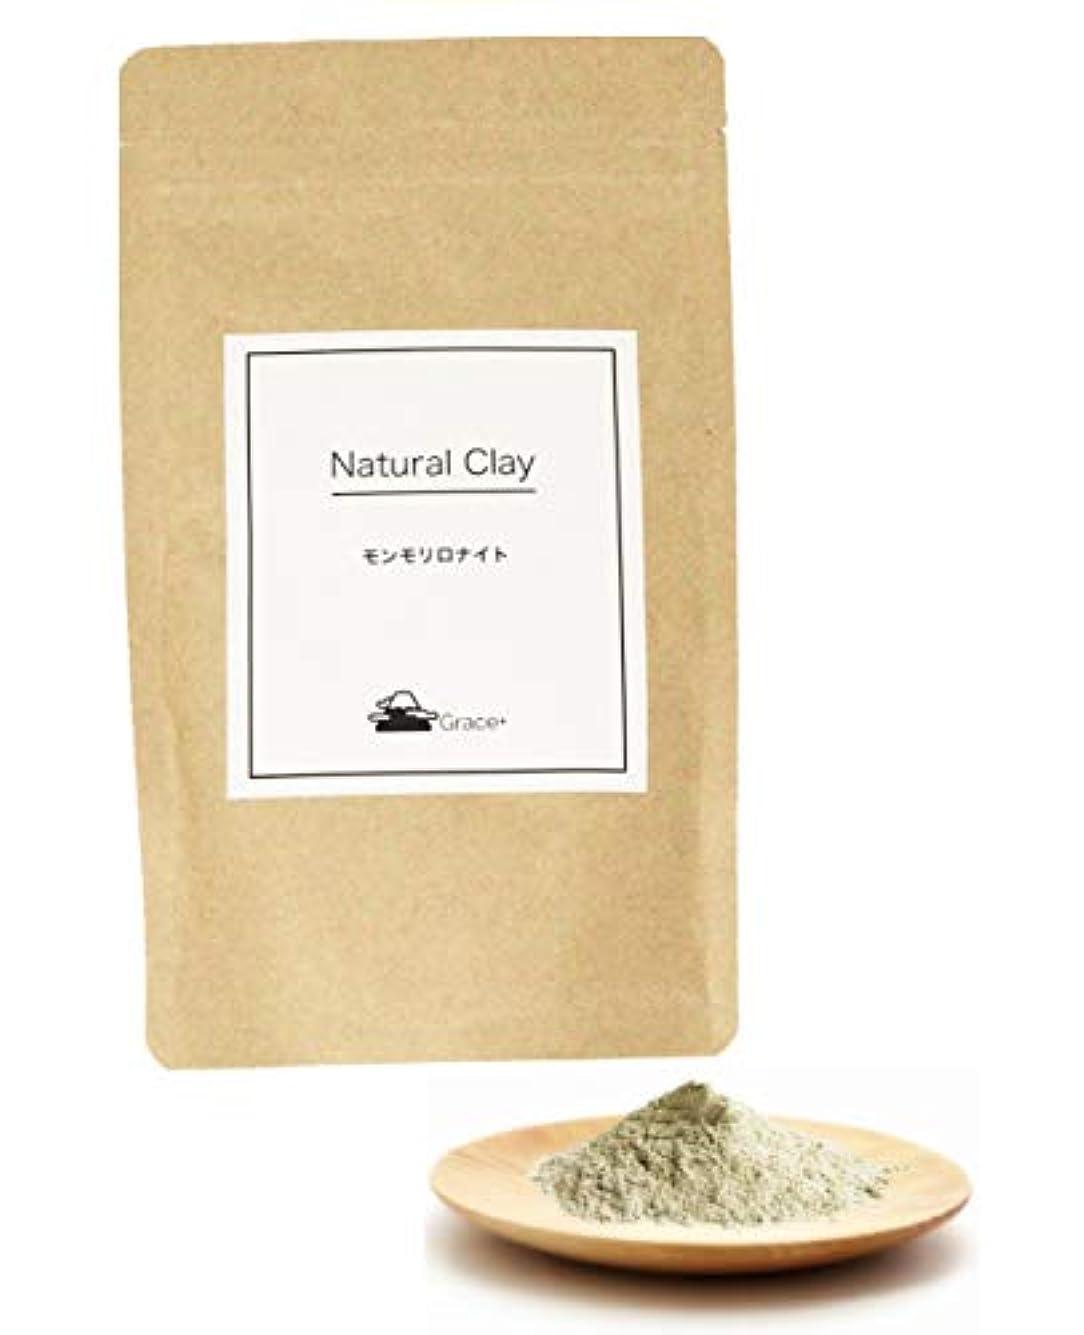 産地ユーモラス上院議員手作り化粧品の素材 Grace+ ナチュラルクレイ 500g(Natural Clay) モンモリロナイト (ベントナイト)